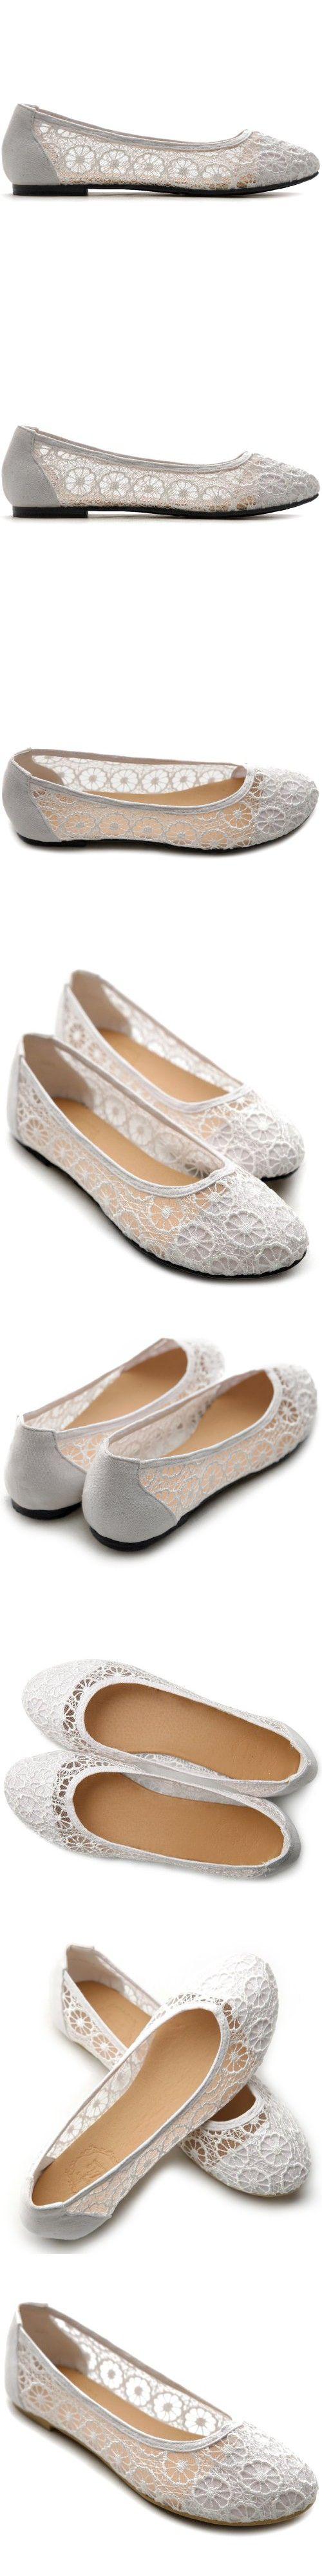 Ollio Women's Ballet Shoe Floral Lace Breathable Flat(8.5 B(M) US, White)